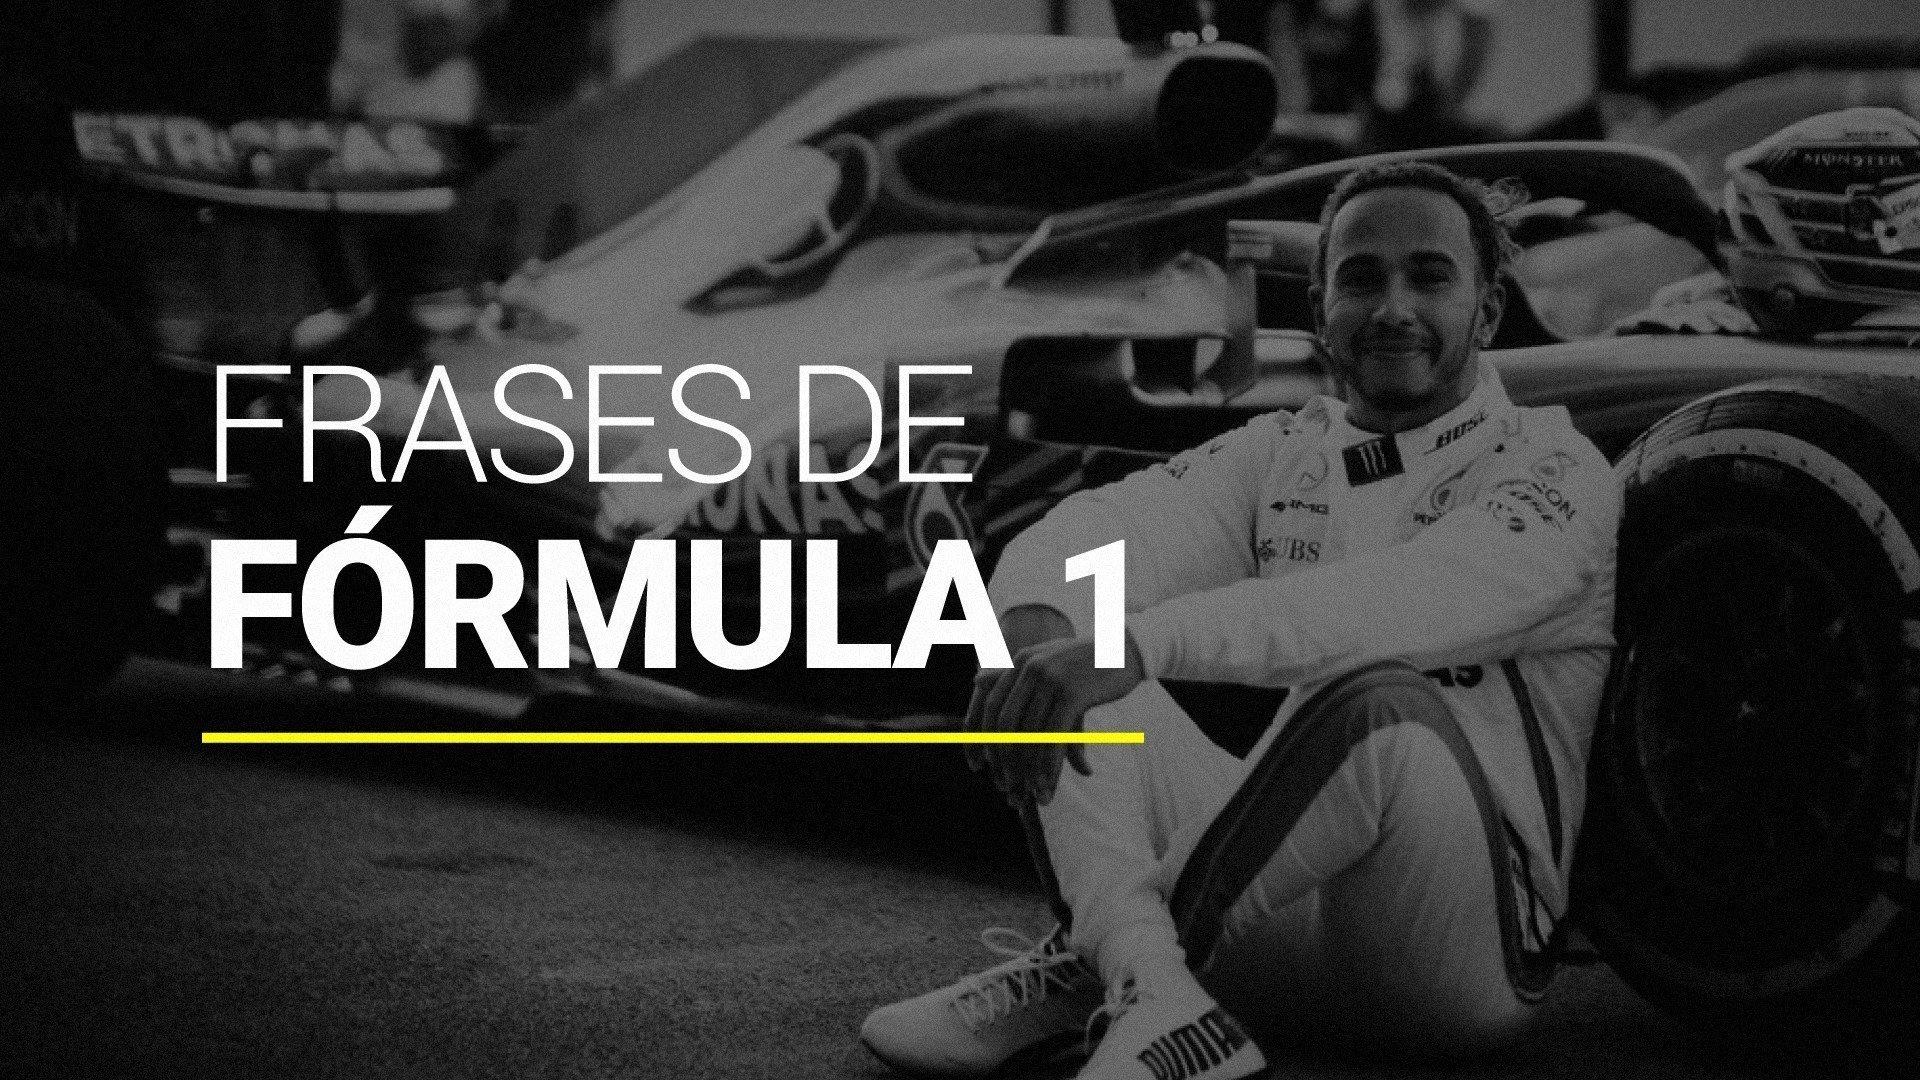 Frases De Fórmula 1 Veja Uma Lista Das 93 Mais Inspiradoras